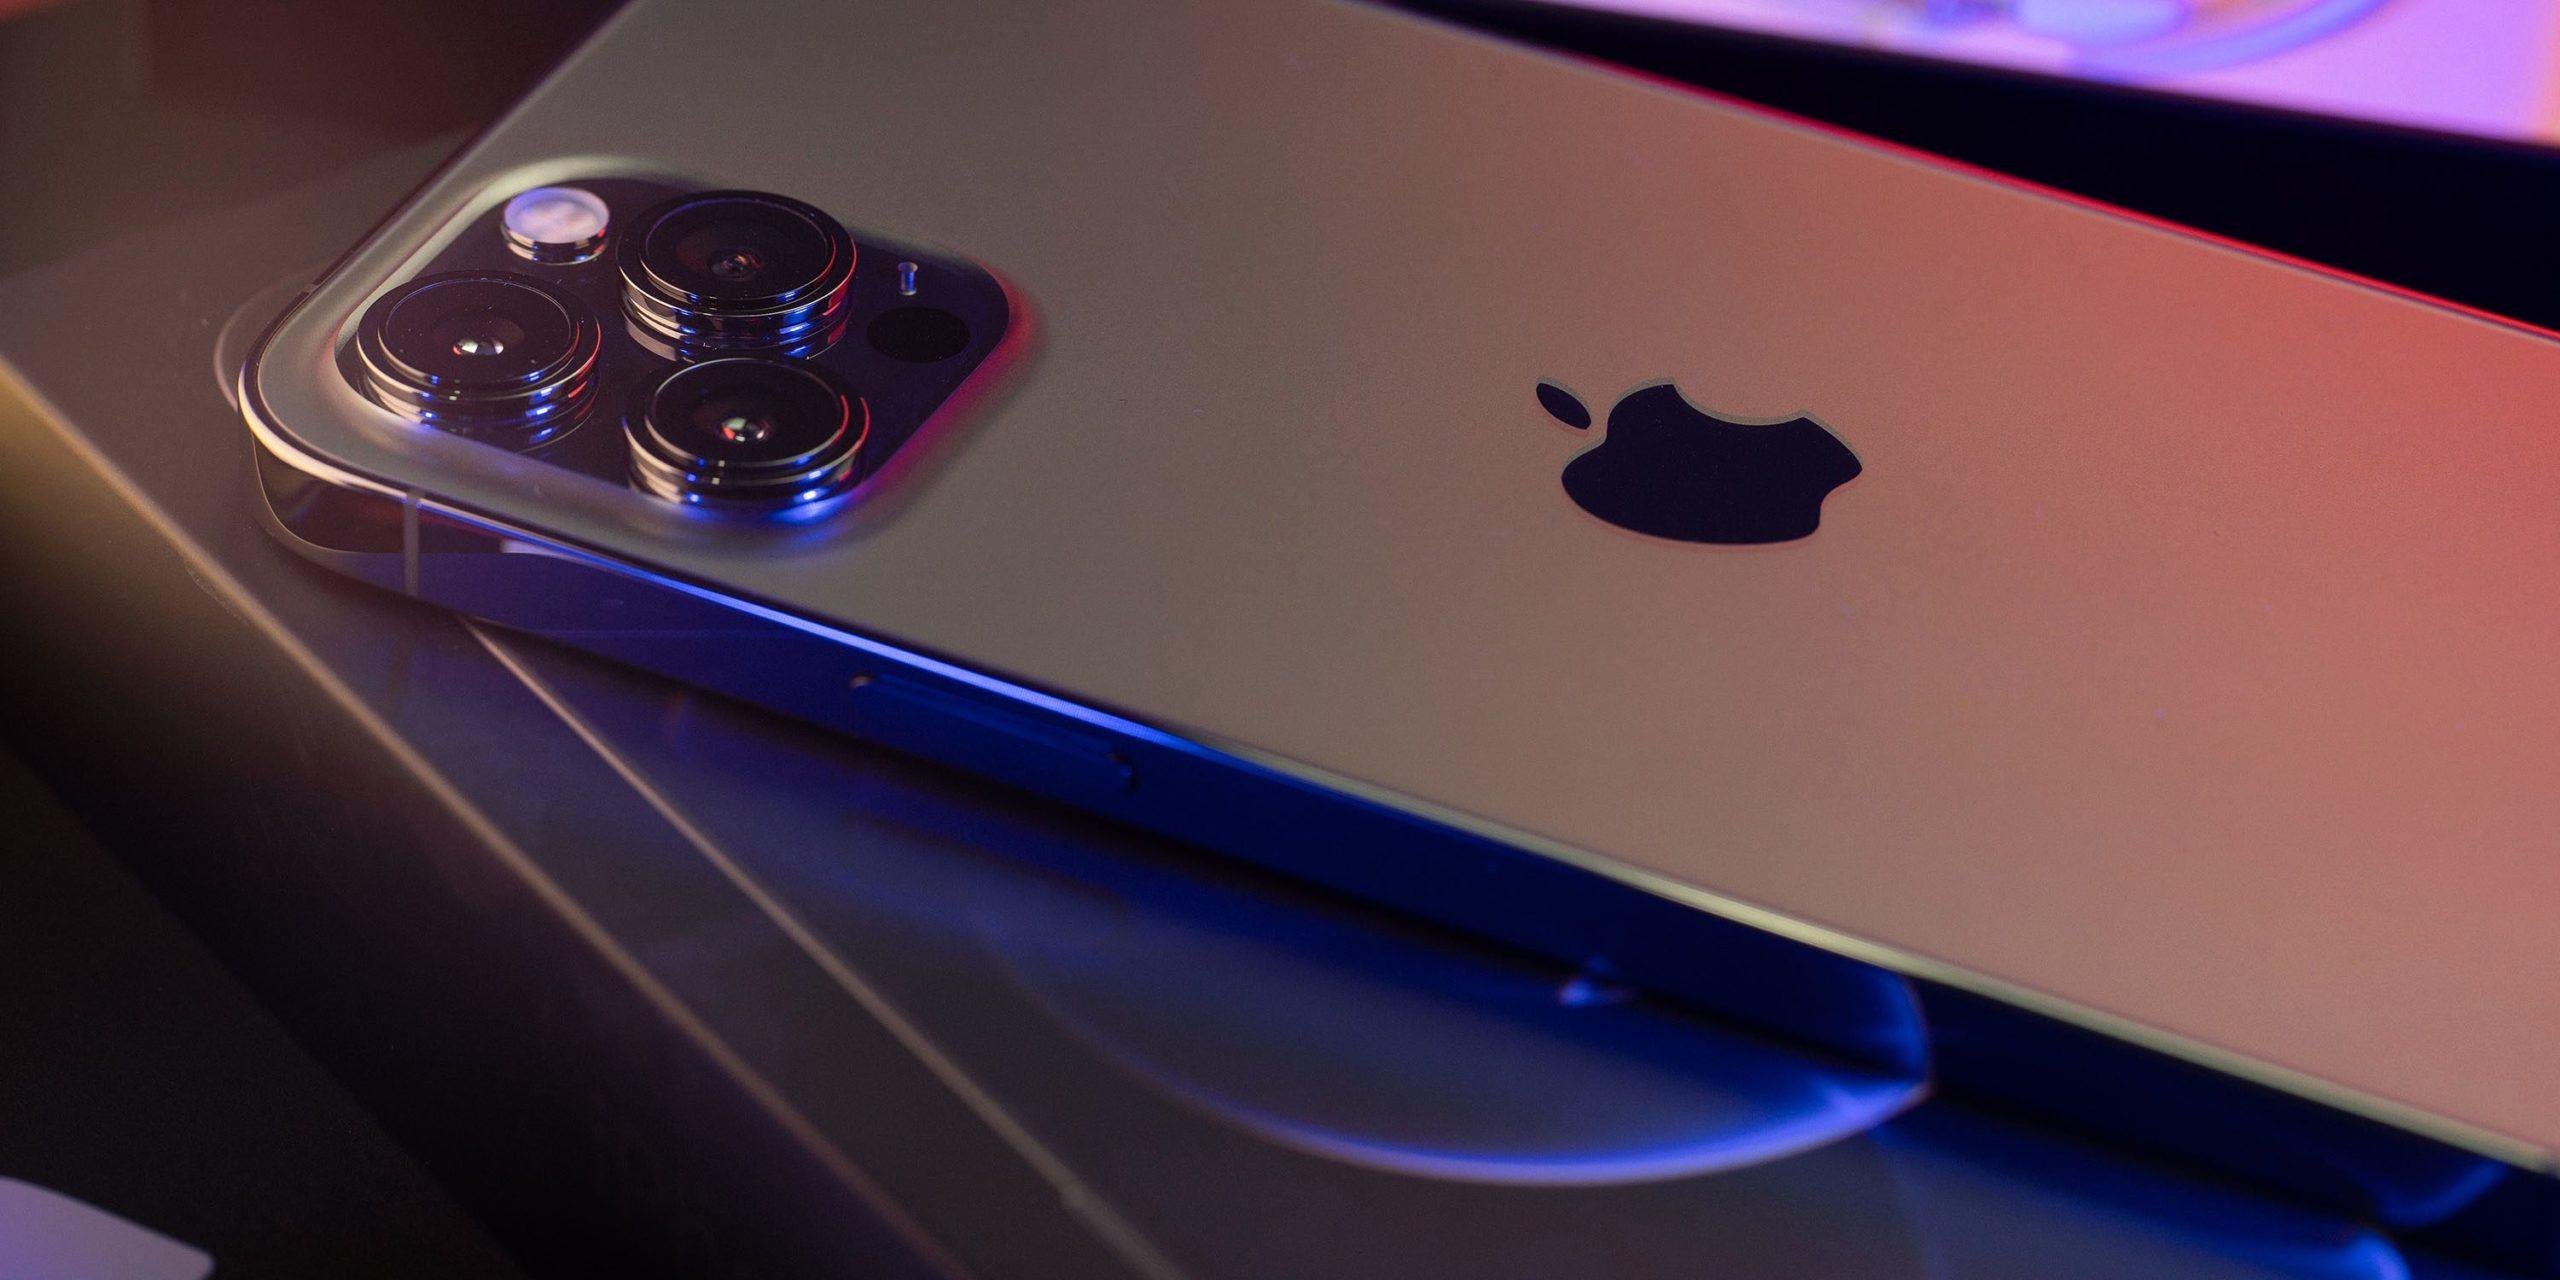 تیم کوک مدیرعامل کمپانی اپل بالاخره از آیفون 13 بسیار مورد انتظار خود رونمایی کرد و این بار رنگ خاص آن صورتی است.